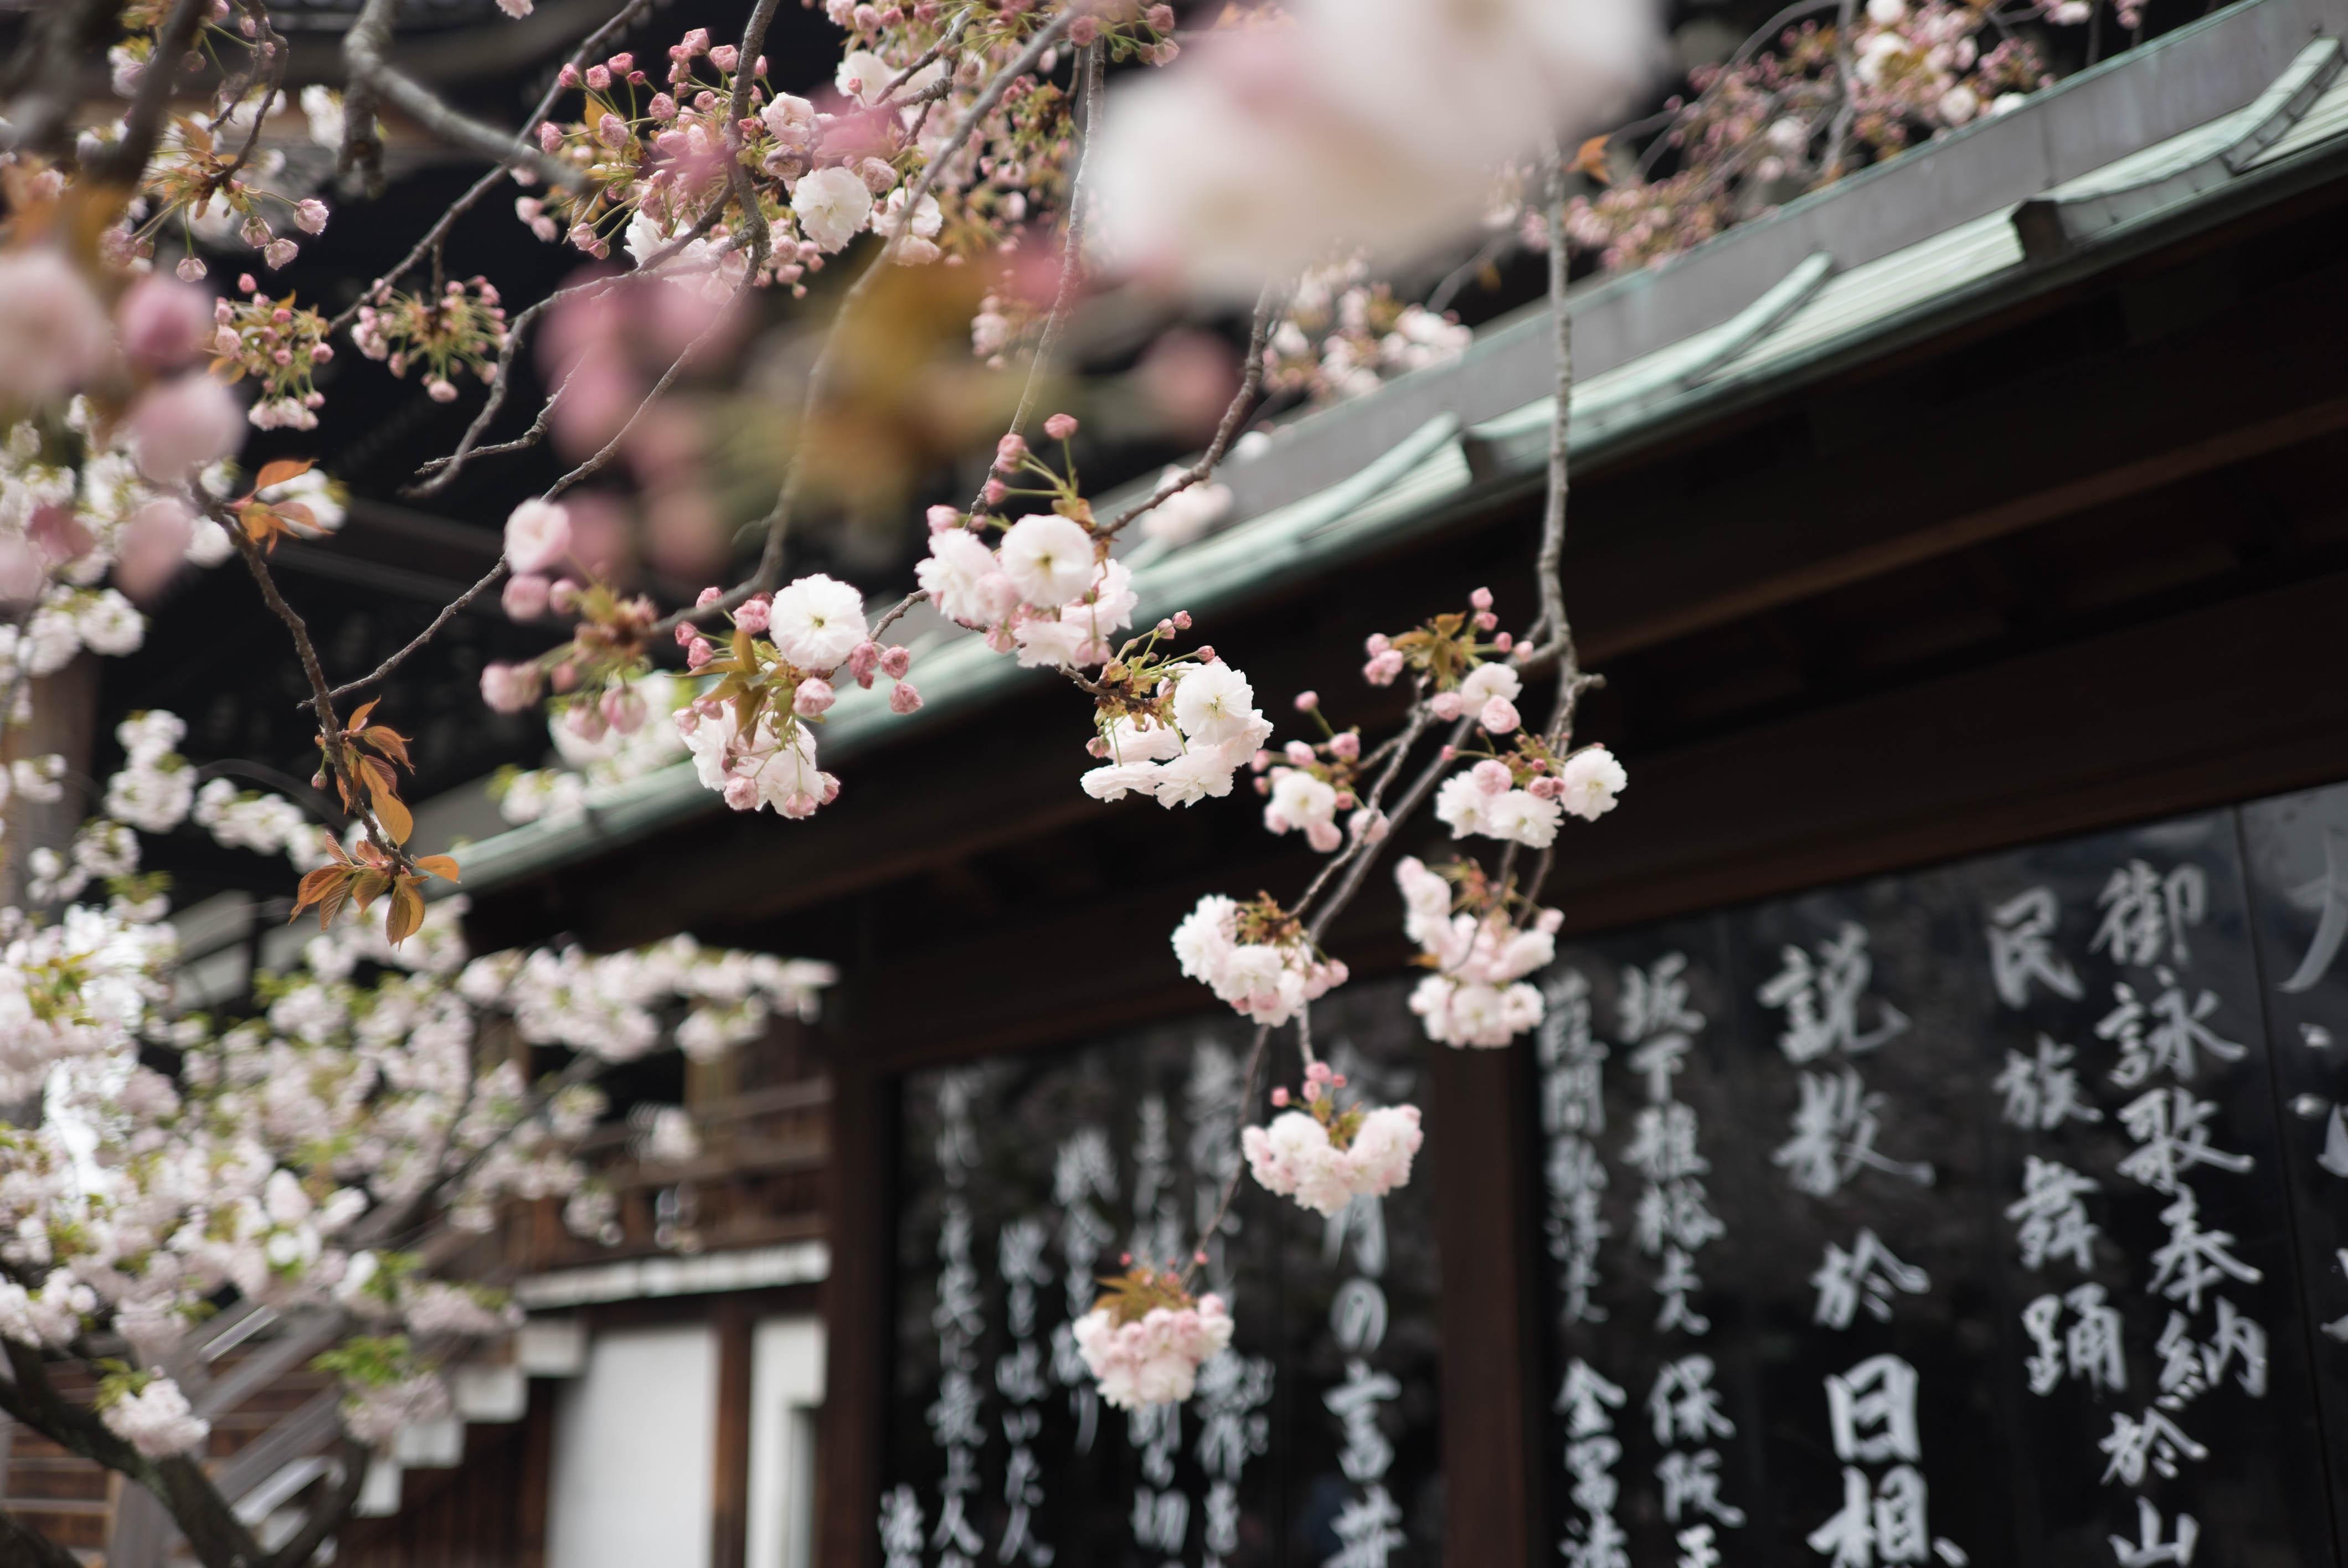 米バイデン副大統領が「日本が本気出したら、中国は一瞬でやられる」とコメントした根拠とは?